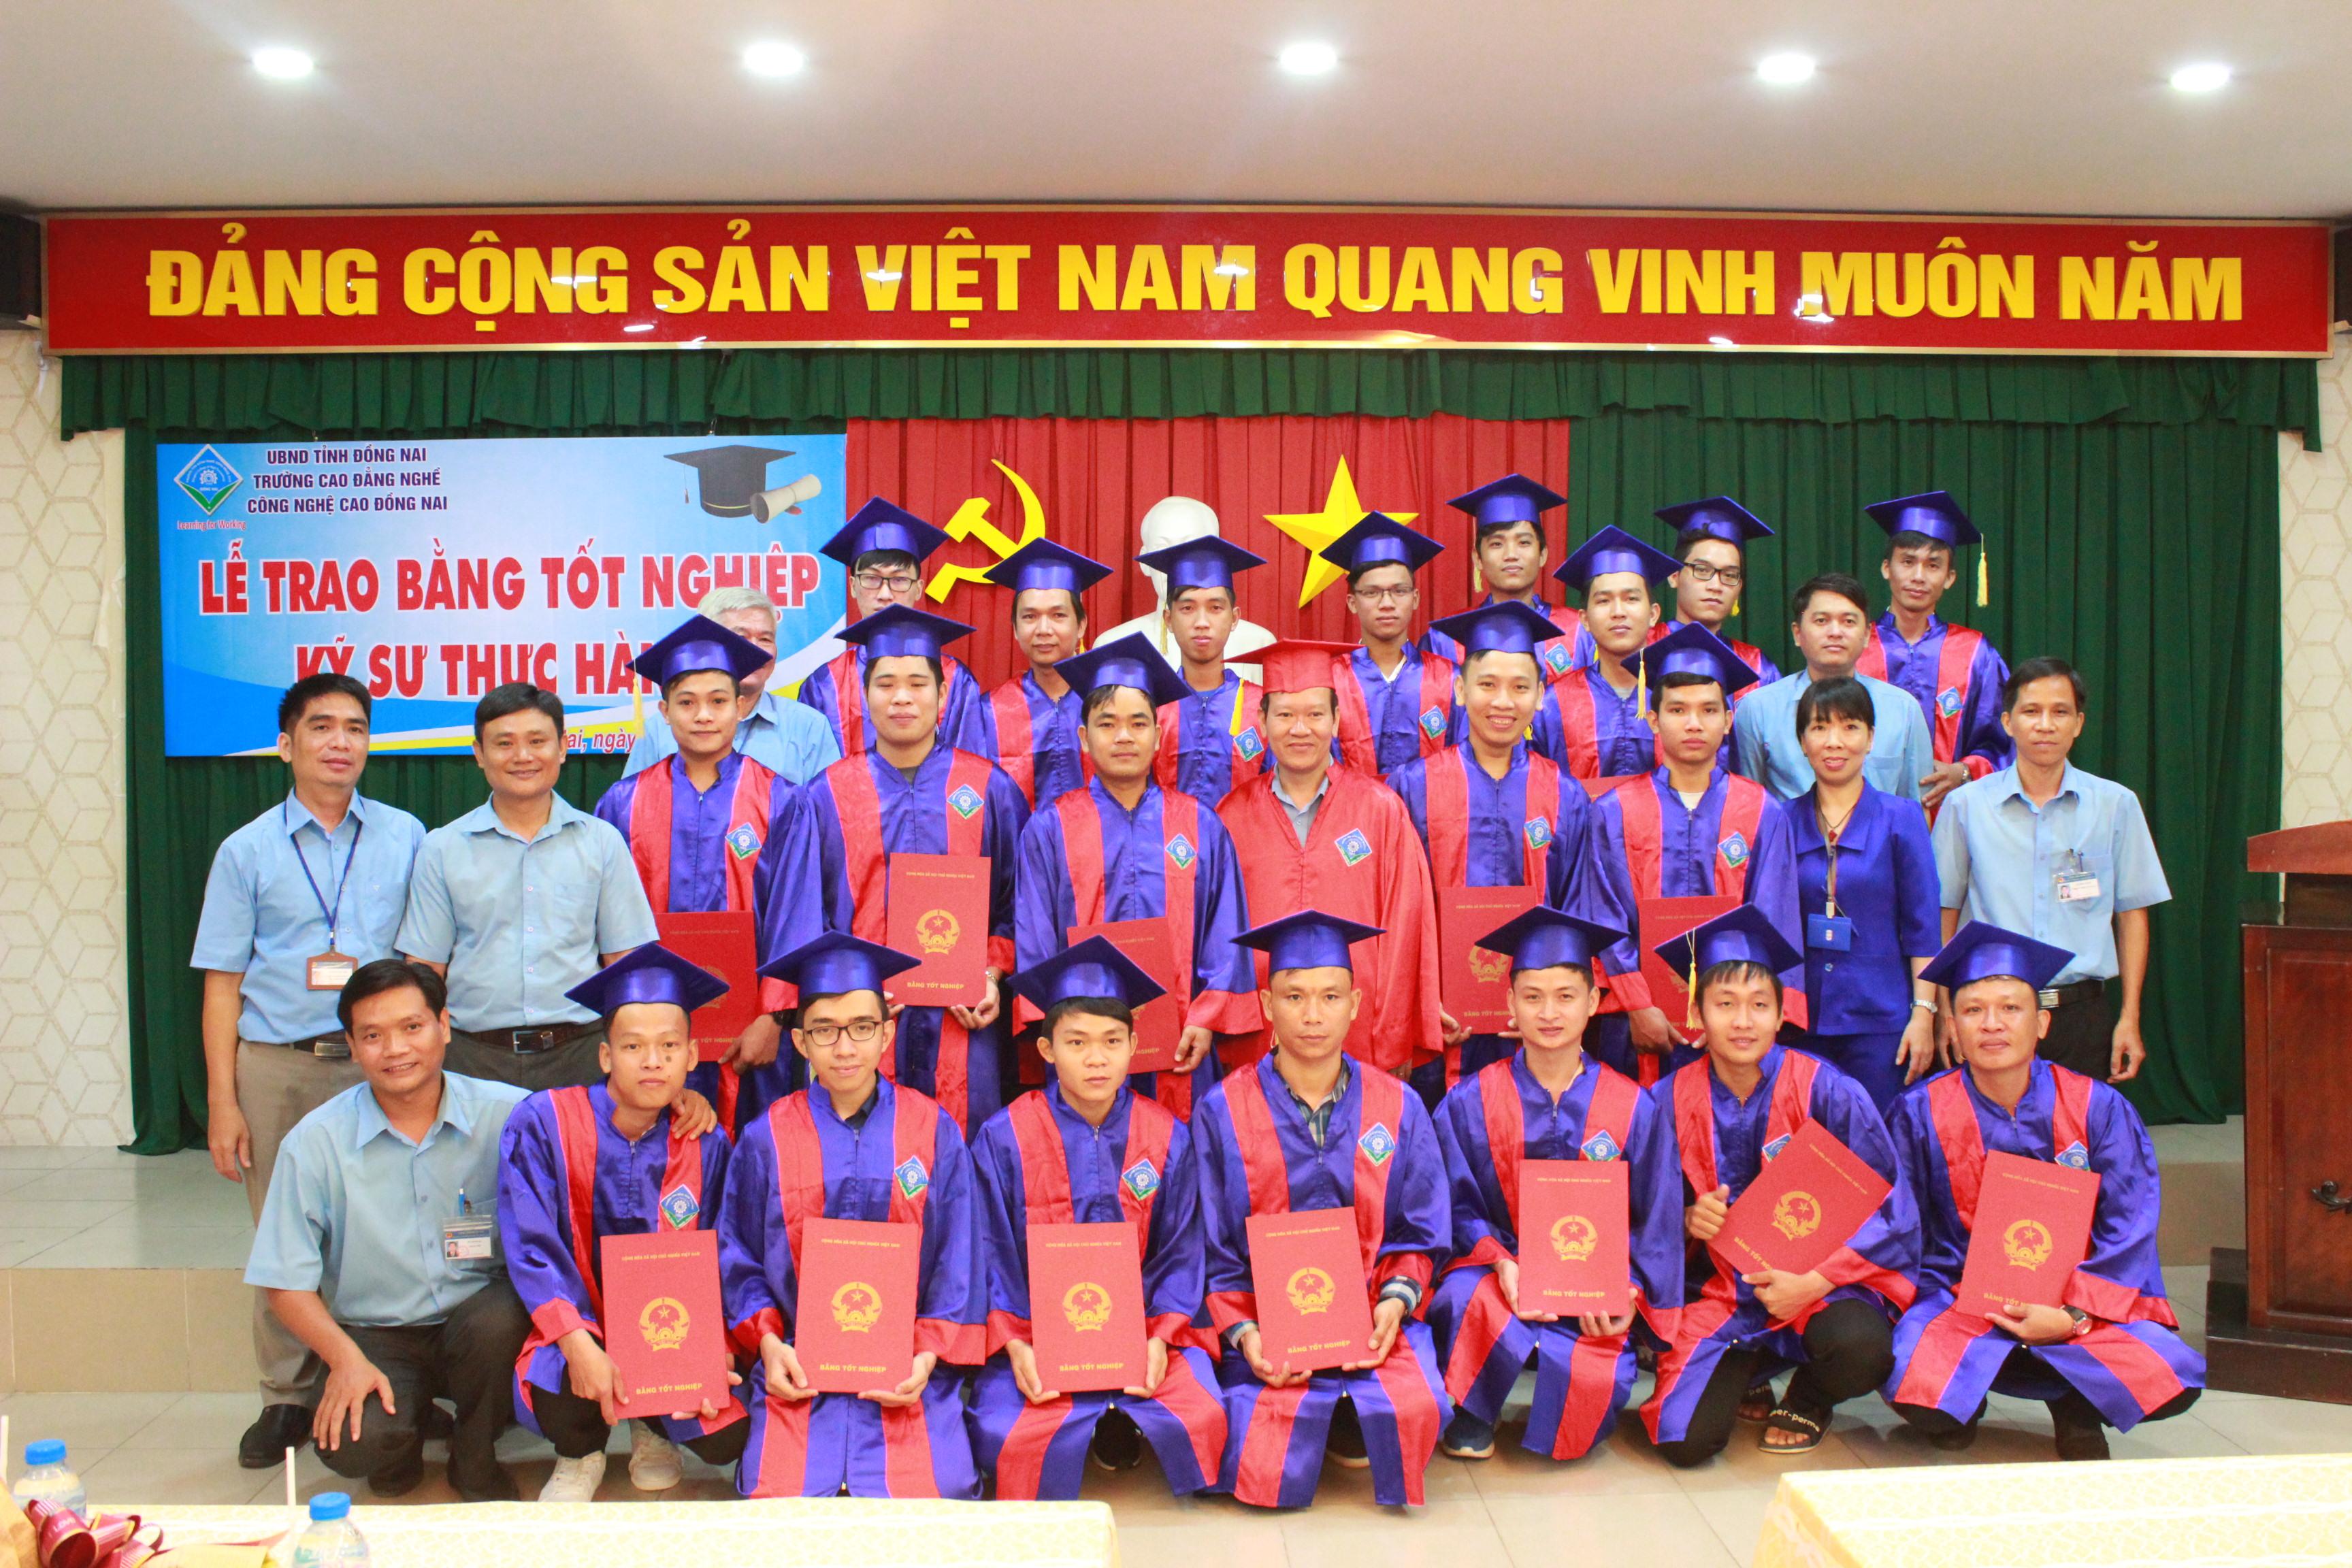 Lễ trao bằng tốt nghiệp Cao đẳng (danh hiệu Kỹ sư thực hành).